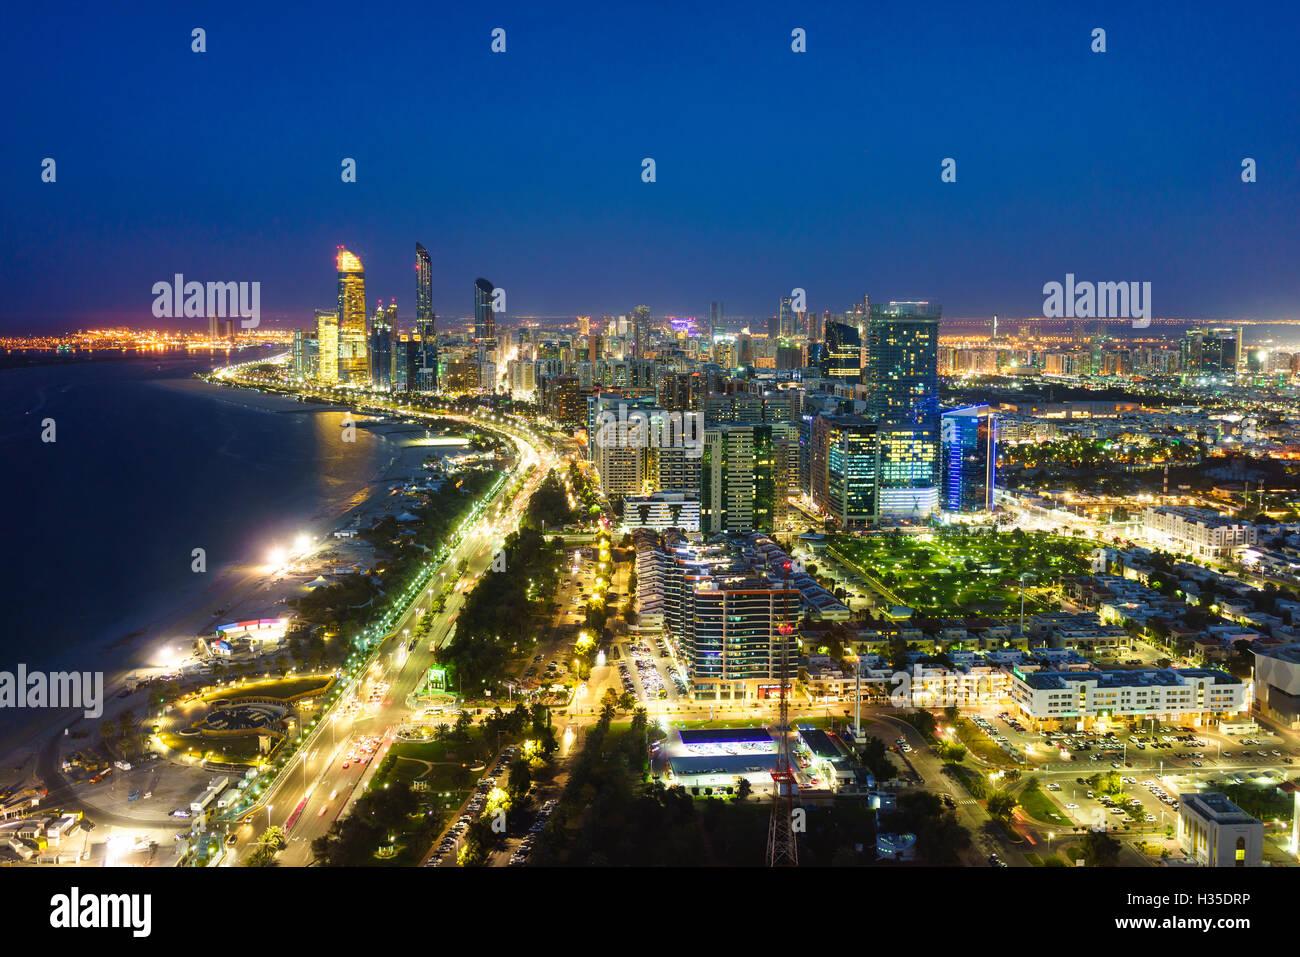 Horizonte y el Corniche, al distrito de Markaziyah por noche, Abu Dhabi, Emiratos Árabes Unidos, Oriente Medio Imagen De Stock